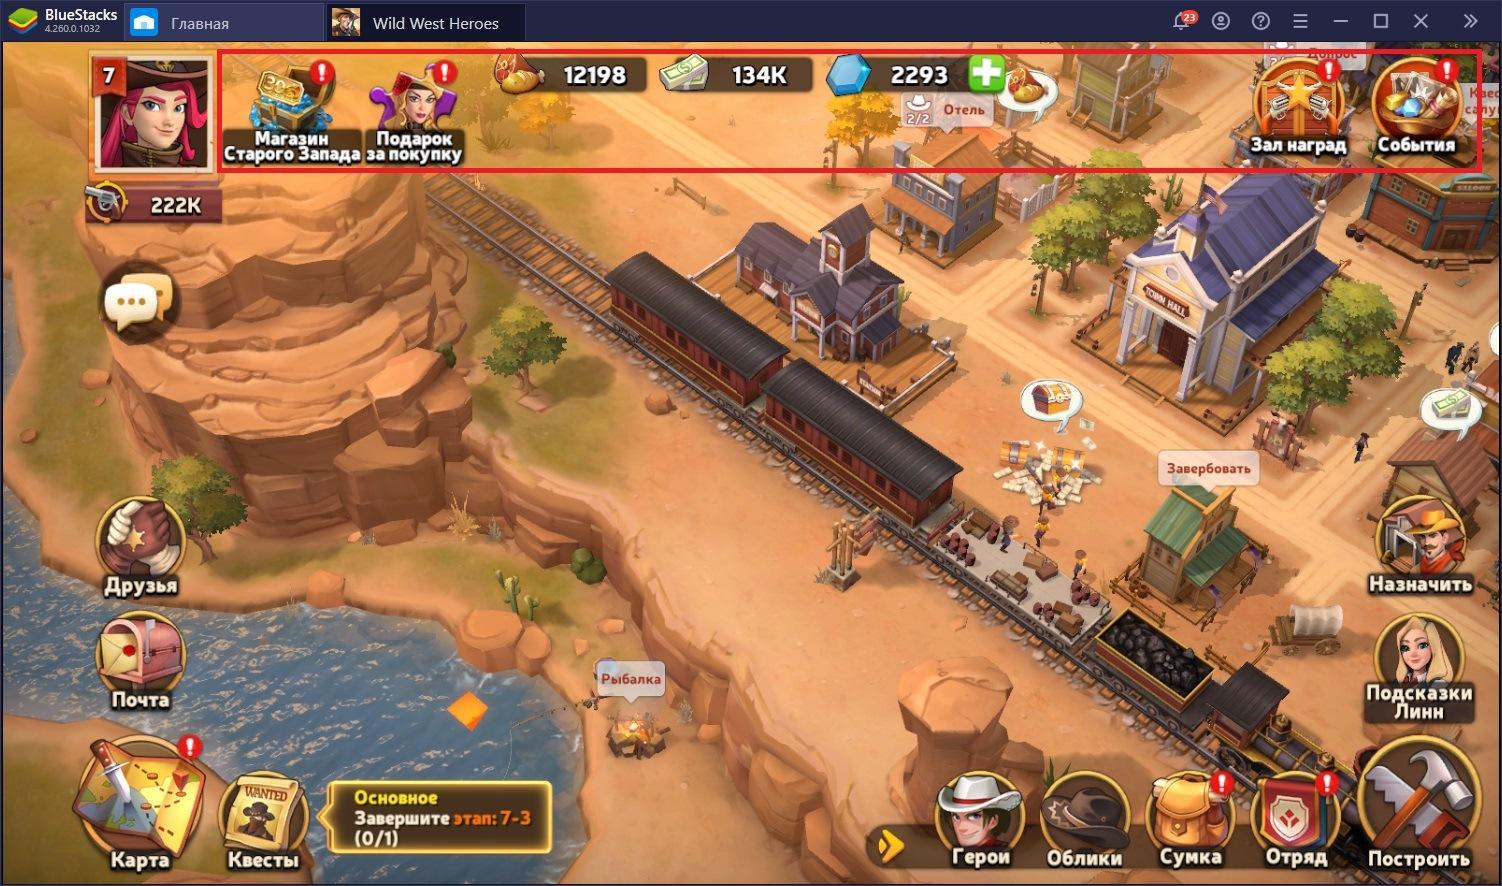 Обзорный гайд по Wild West Heroes. Город, перестрелки и добыча ресурсов